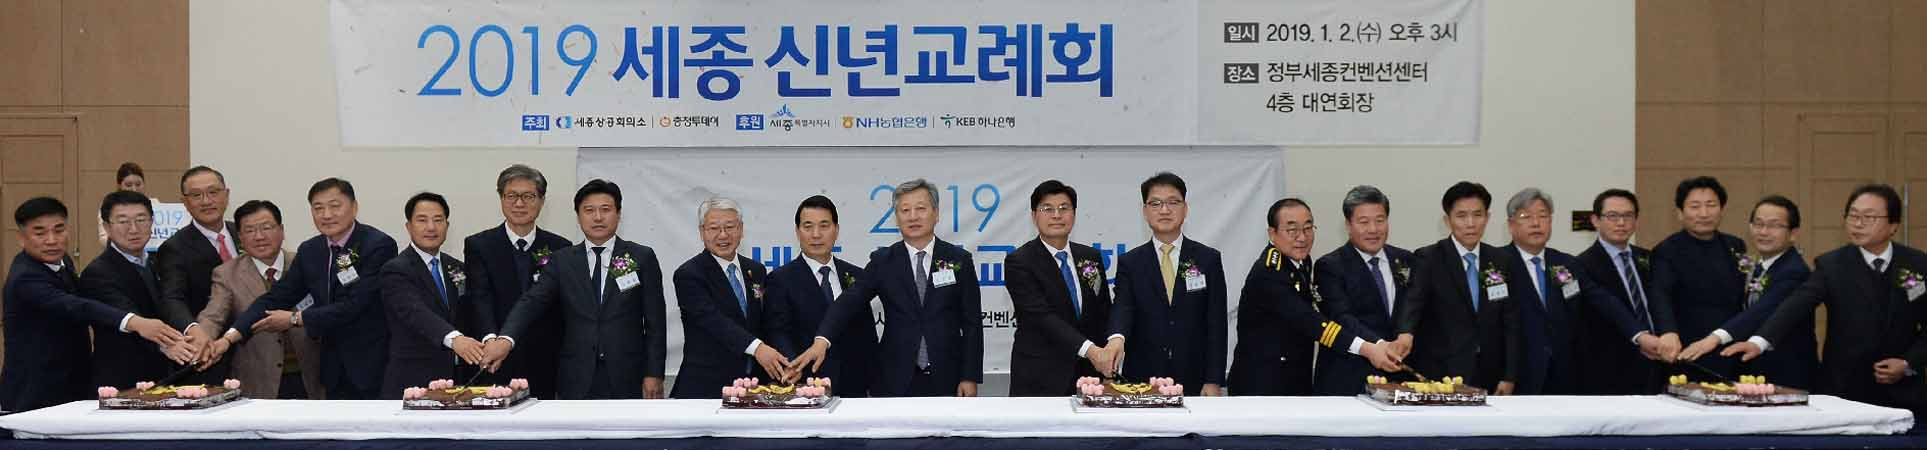 2019 세종 신년교례회, 대한민국 장밋빛 미래… 함께 만듭시다!